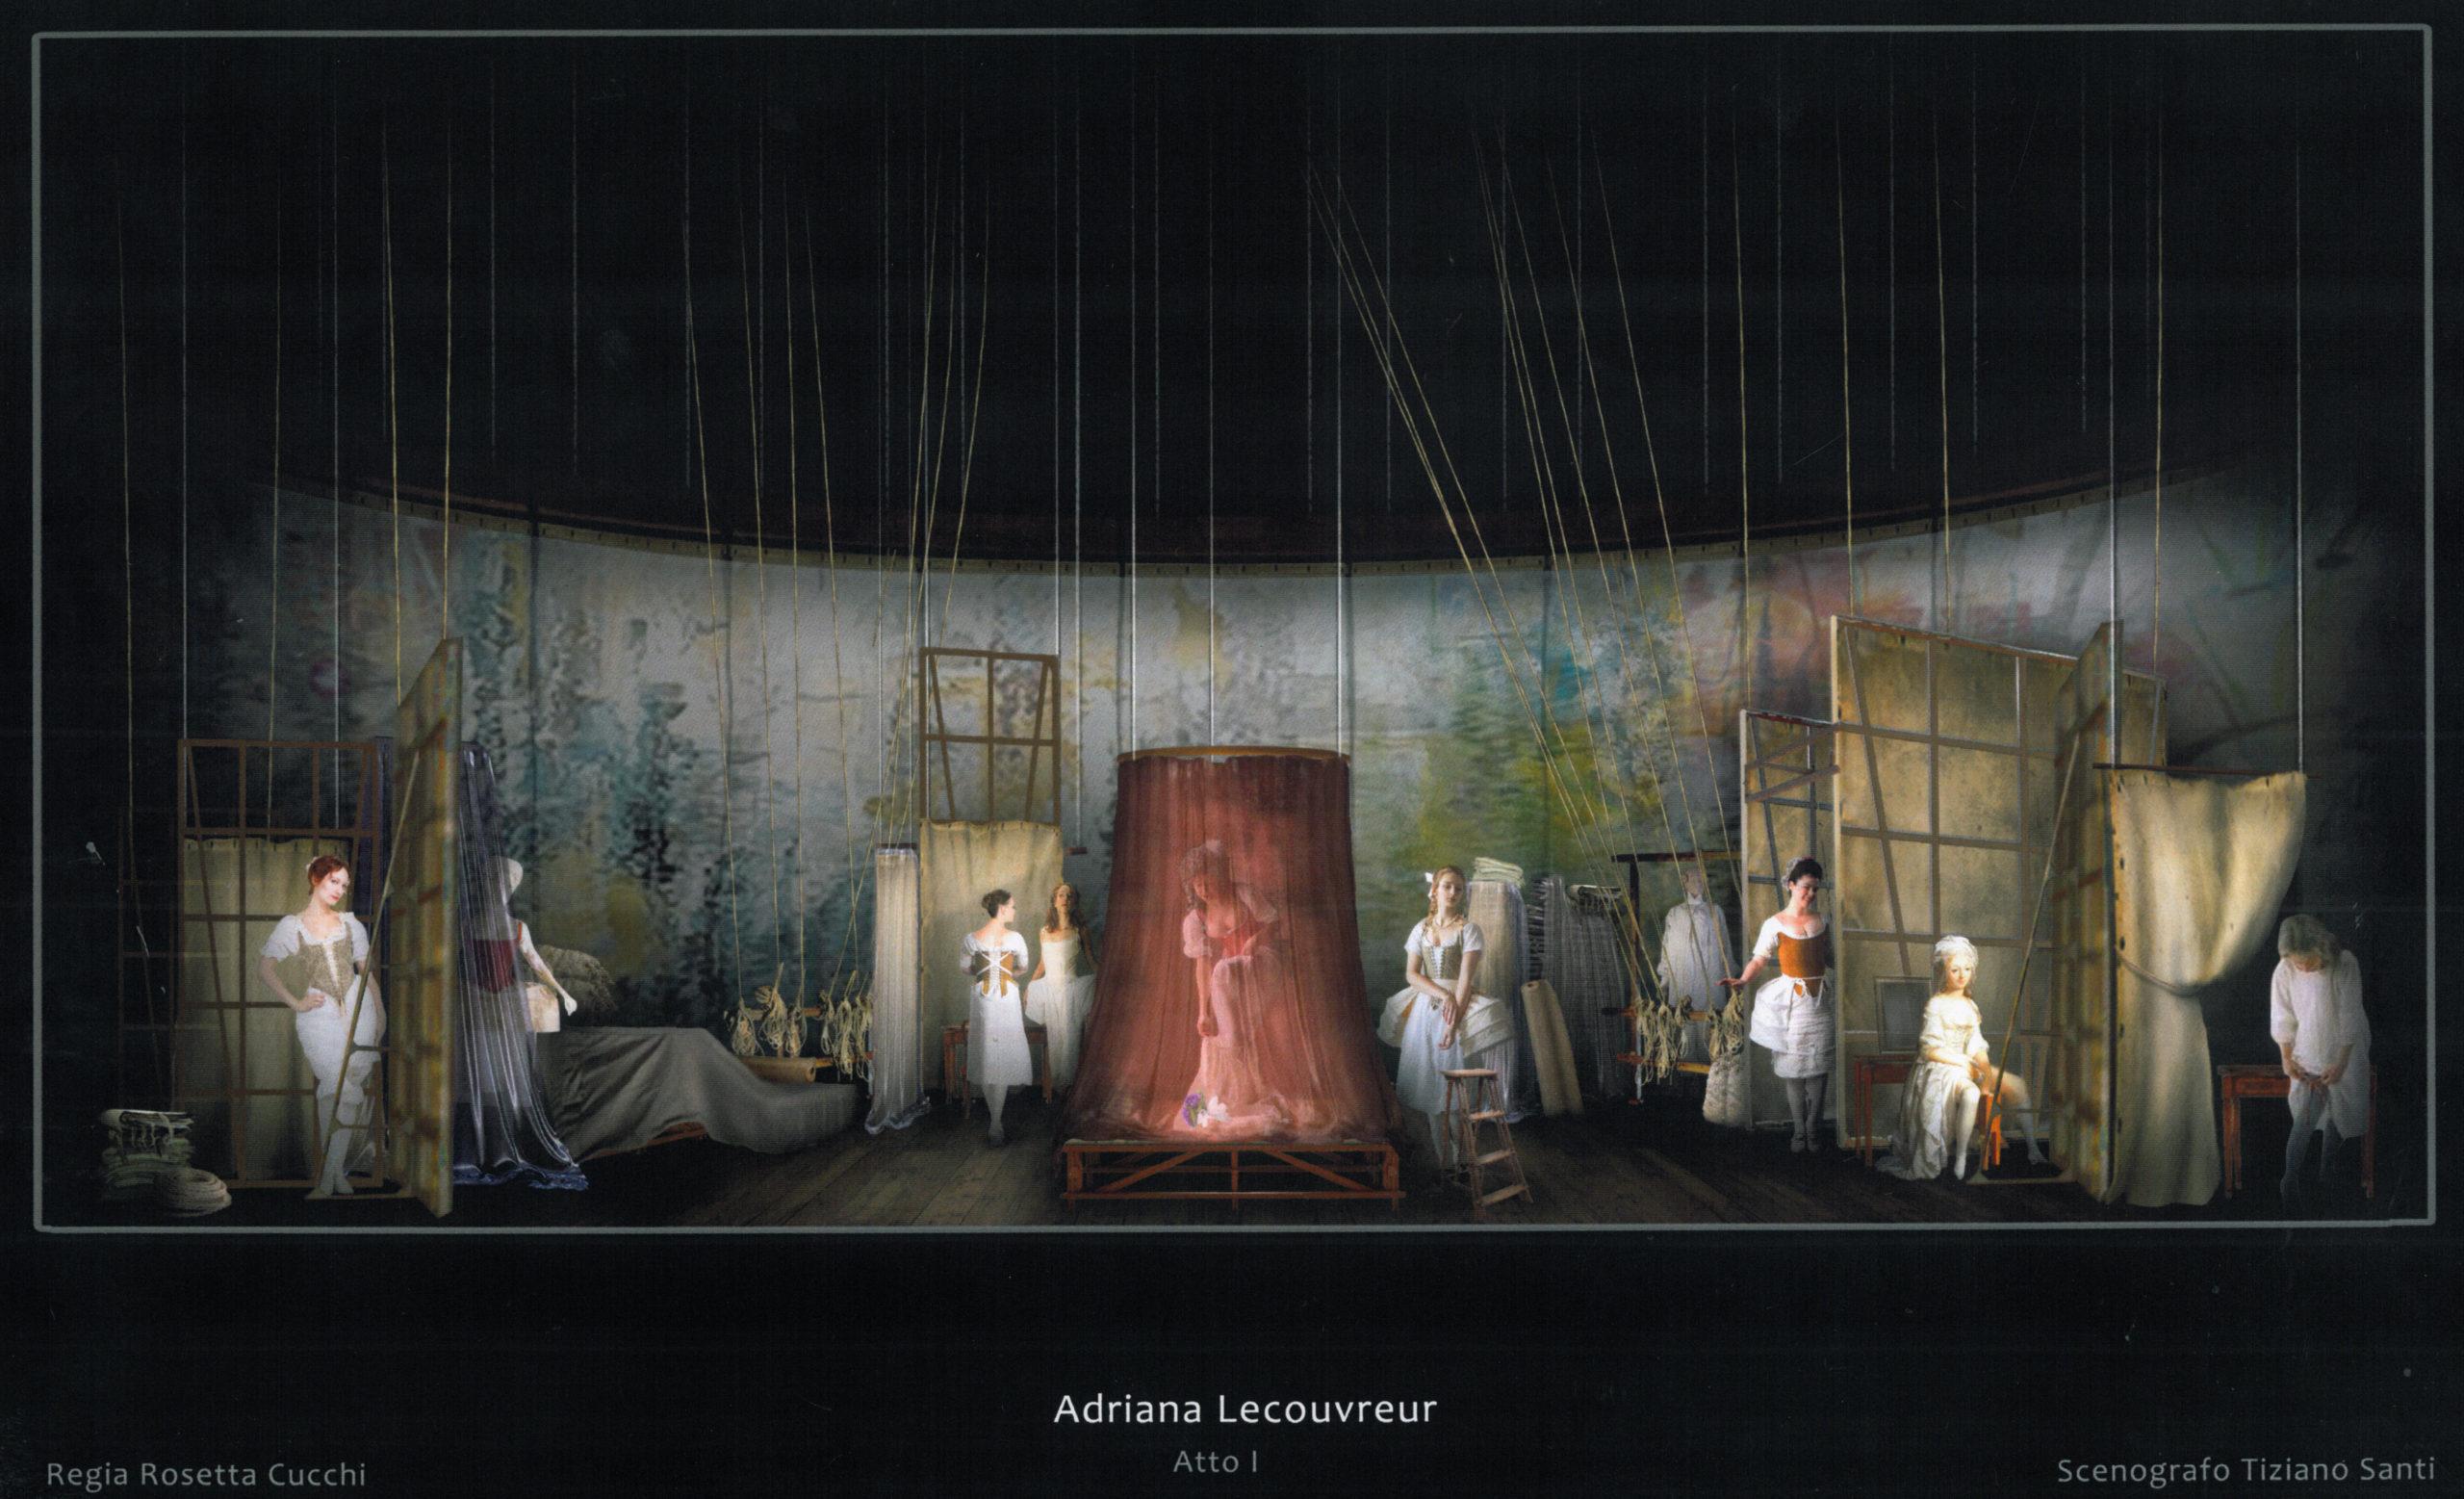 Bozzetto_ADRIANA-atto-I-scena-1_@Tiziano-Santi